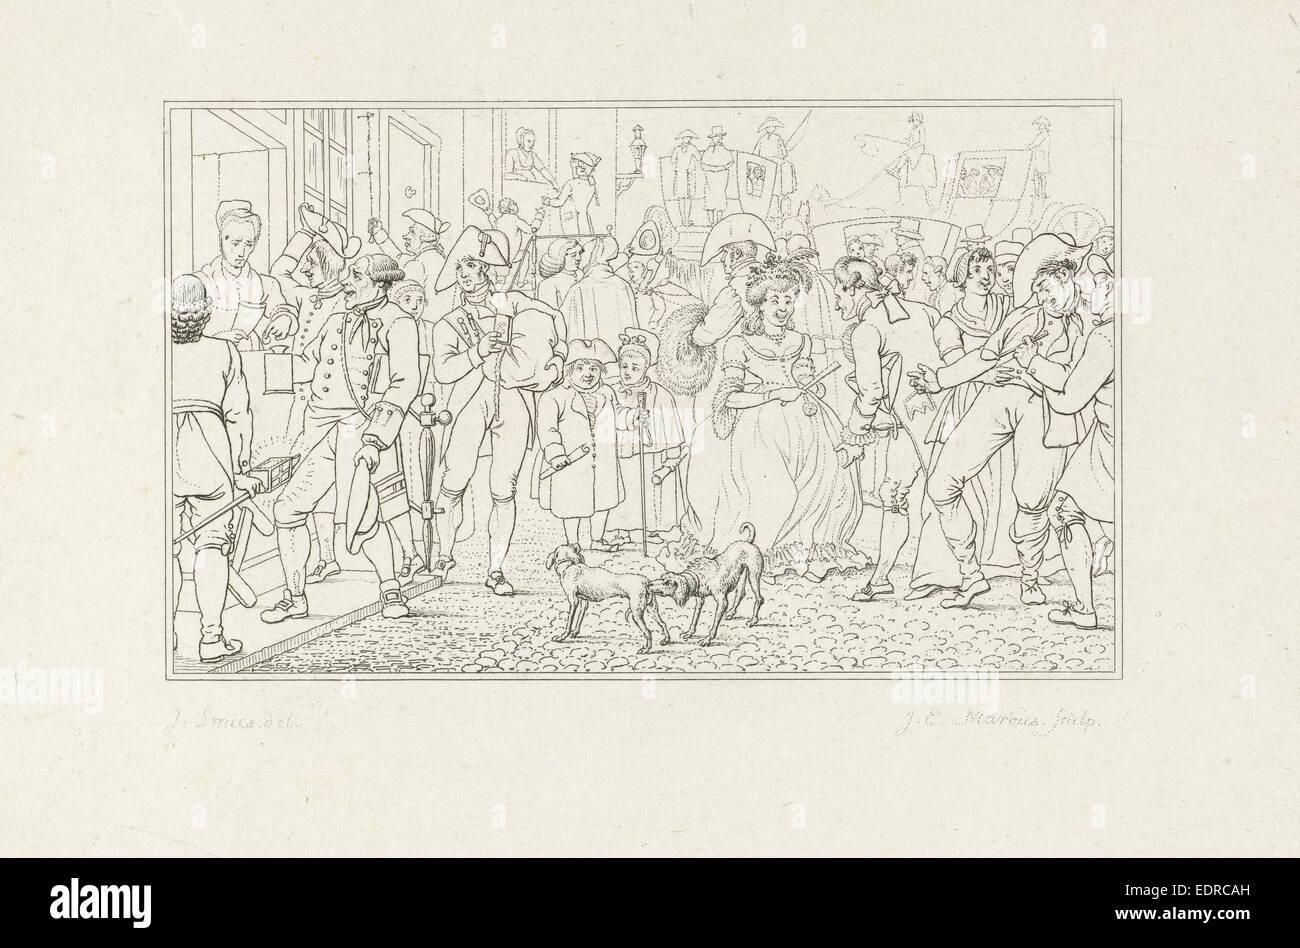 Beaucoup de citoyens dans une rue, Jacob Ernst Marcus, 1807 Photo Stock